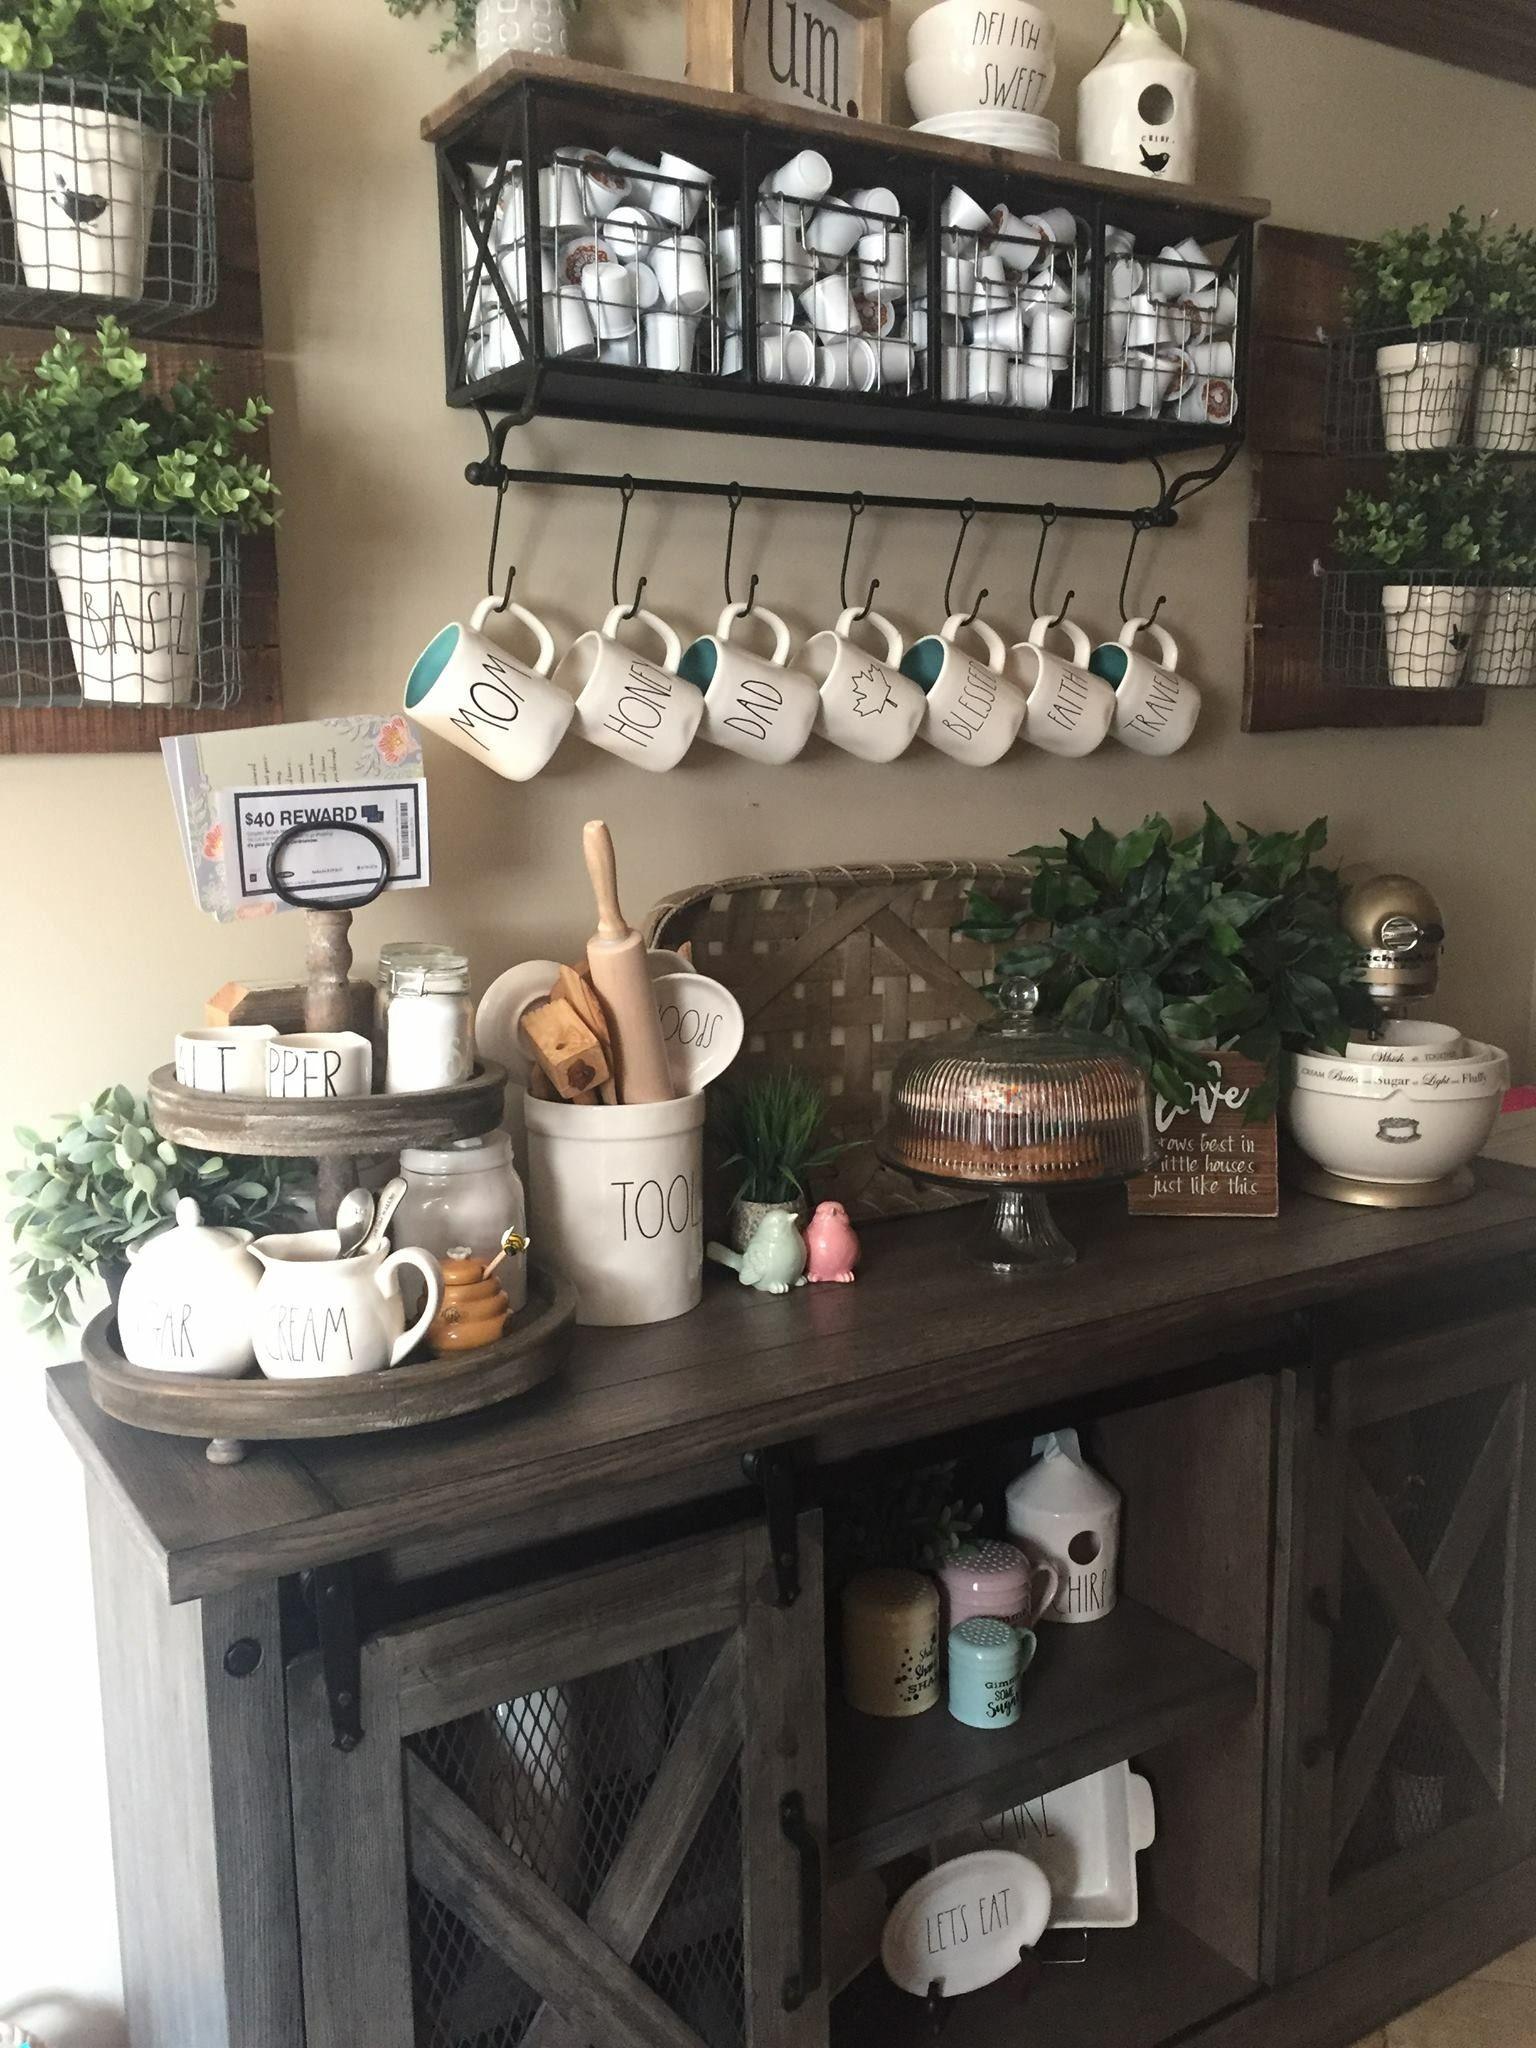 Pin von Patricia Olivares Soto auf muebles. | Pinterest | Küche und ...